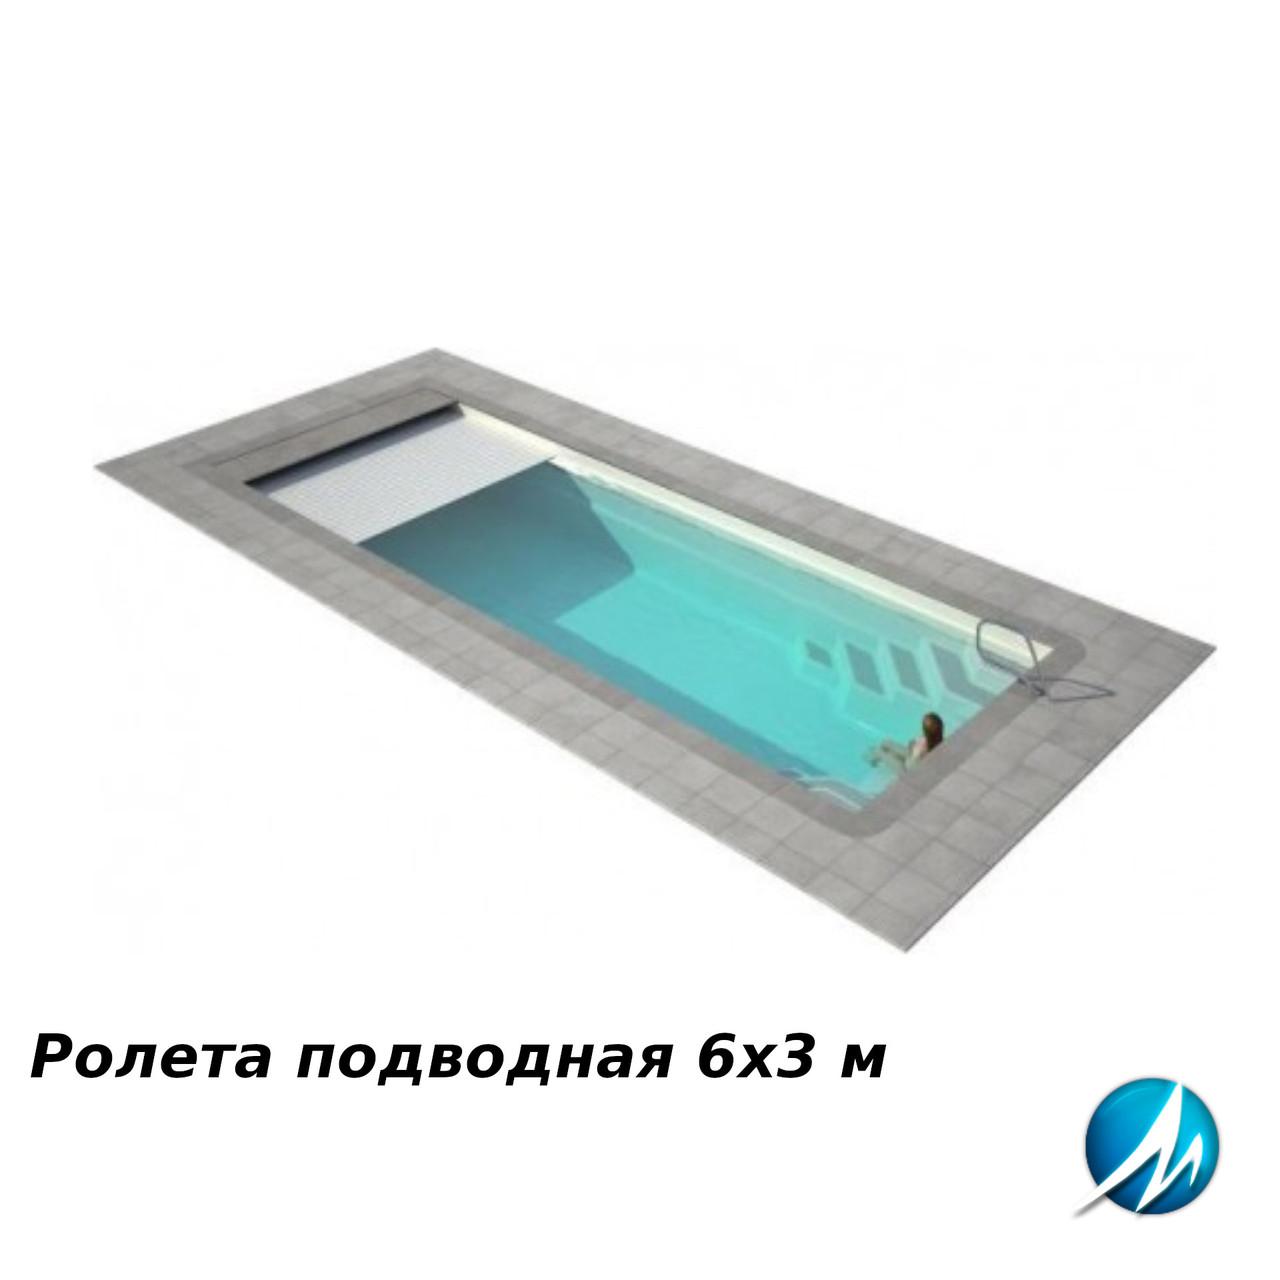 Ролета для бассейна подводная EcoProtect 6х3 м